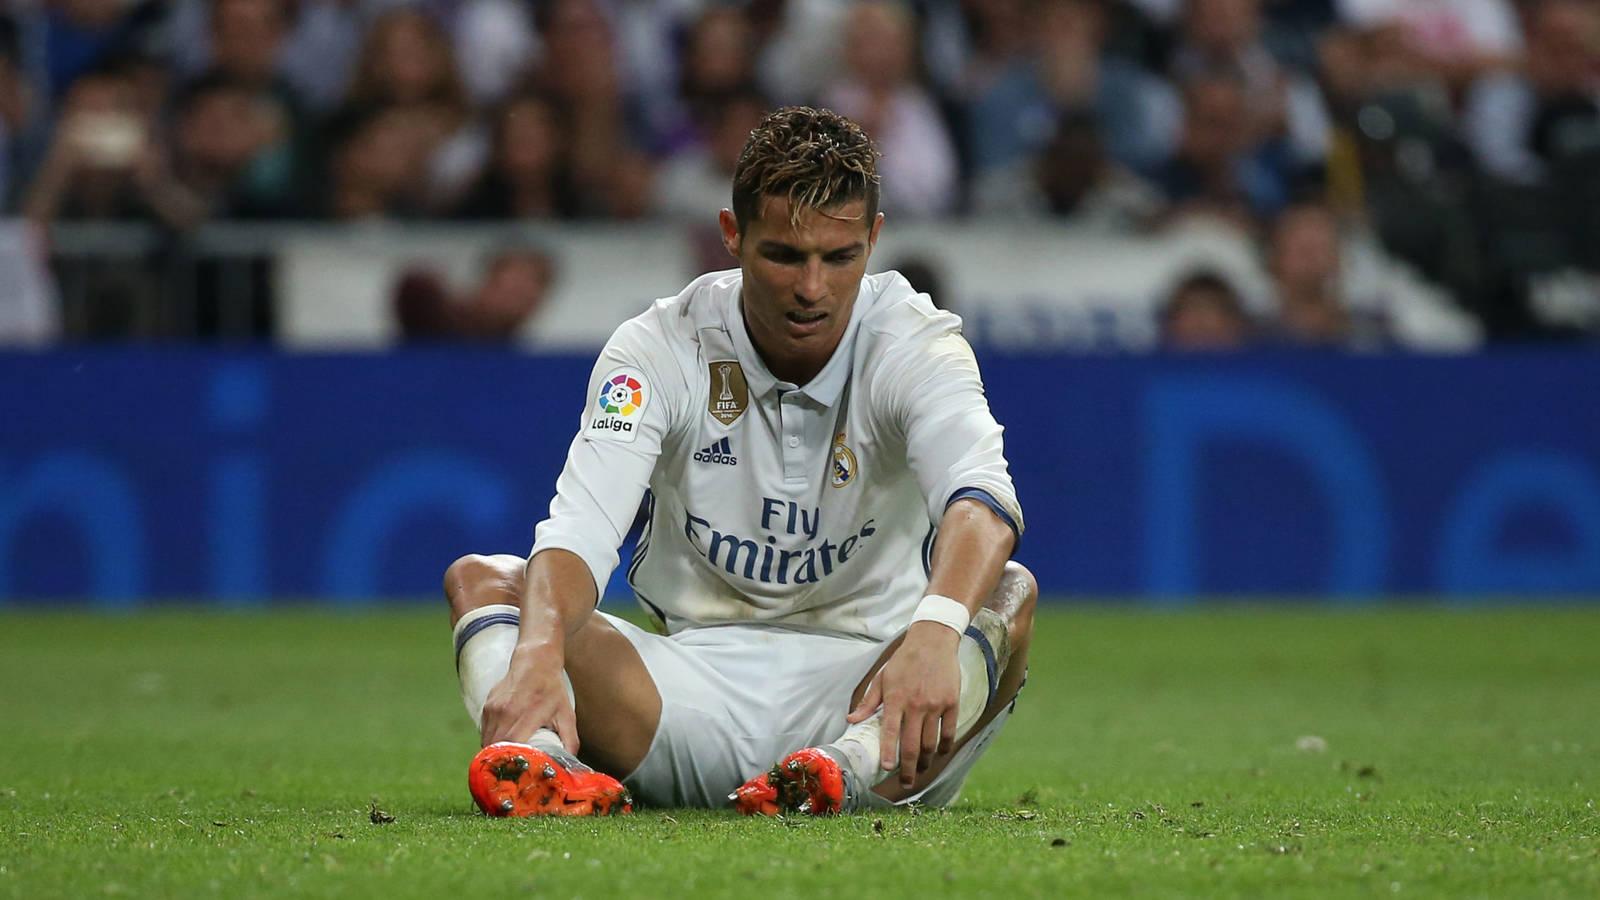 Une perpétuelle compétition entre Messi et Ronaldo!